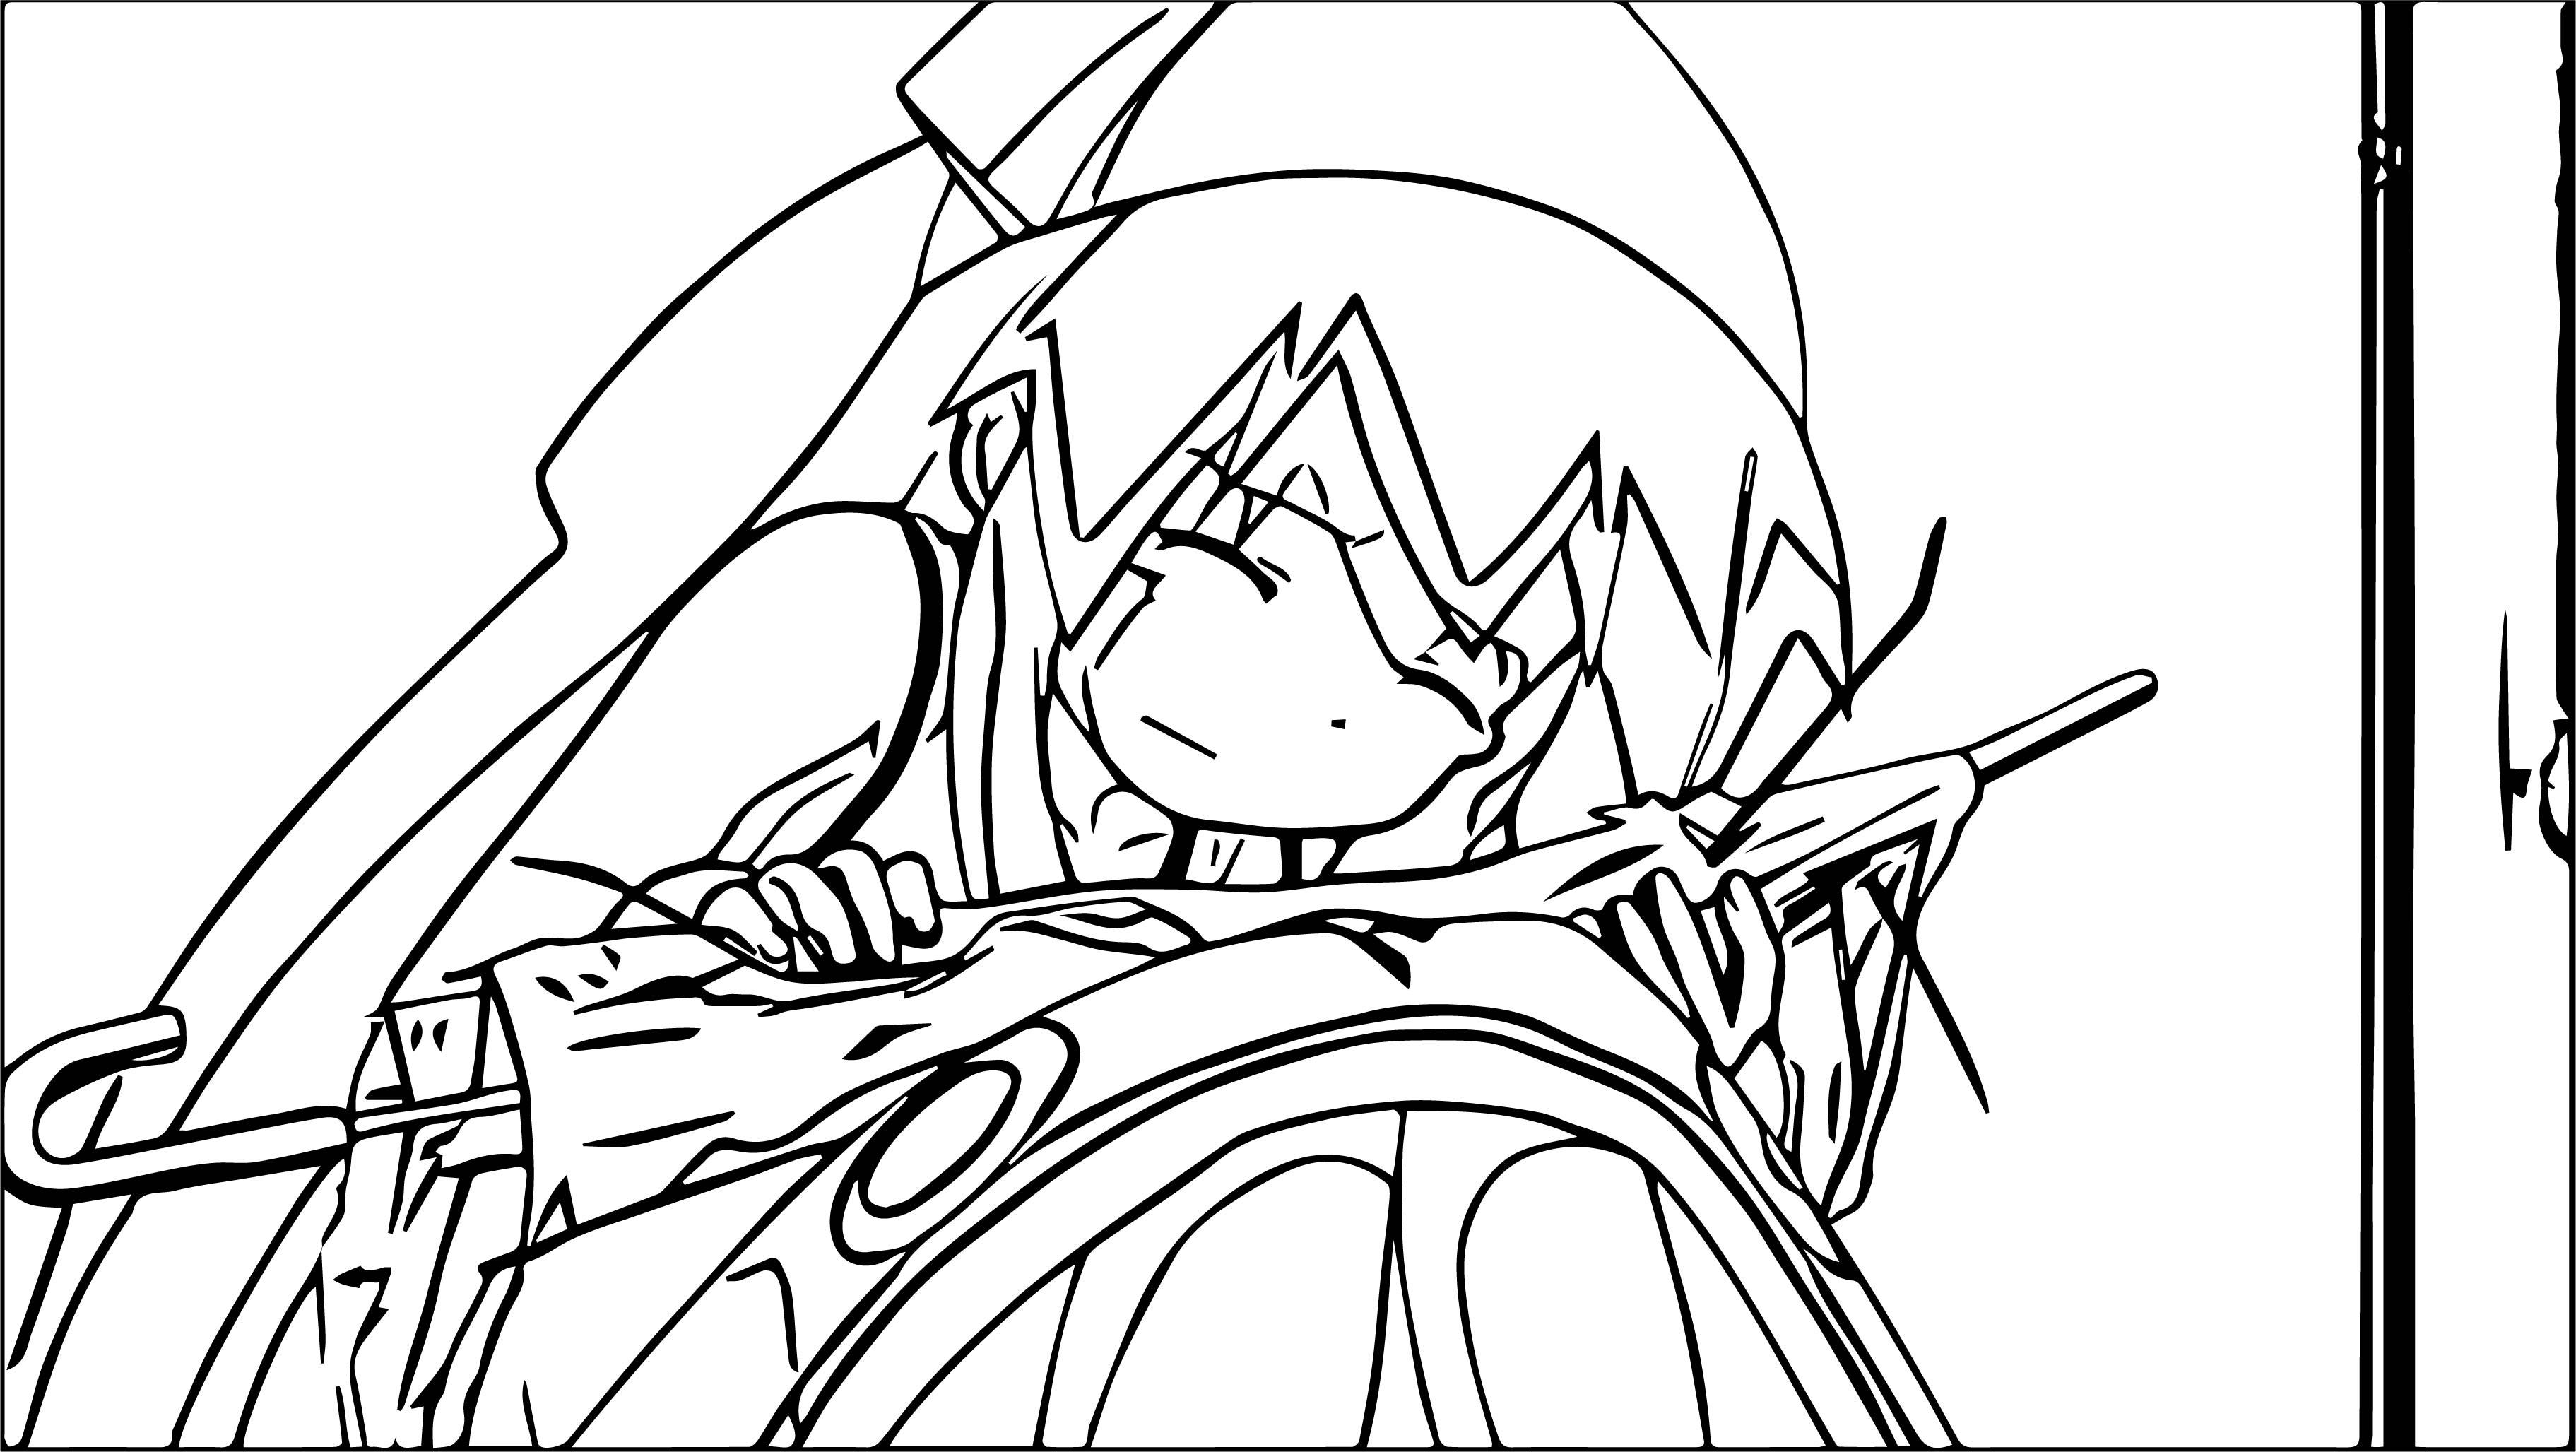 squid girl ache umbrella coloring page